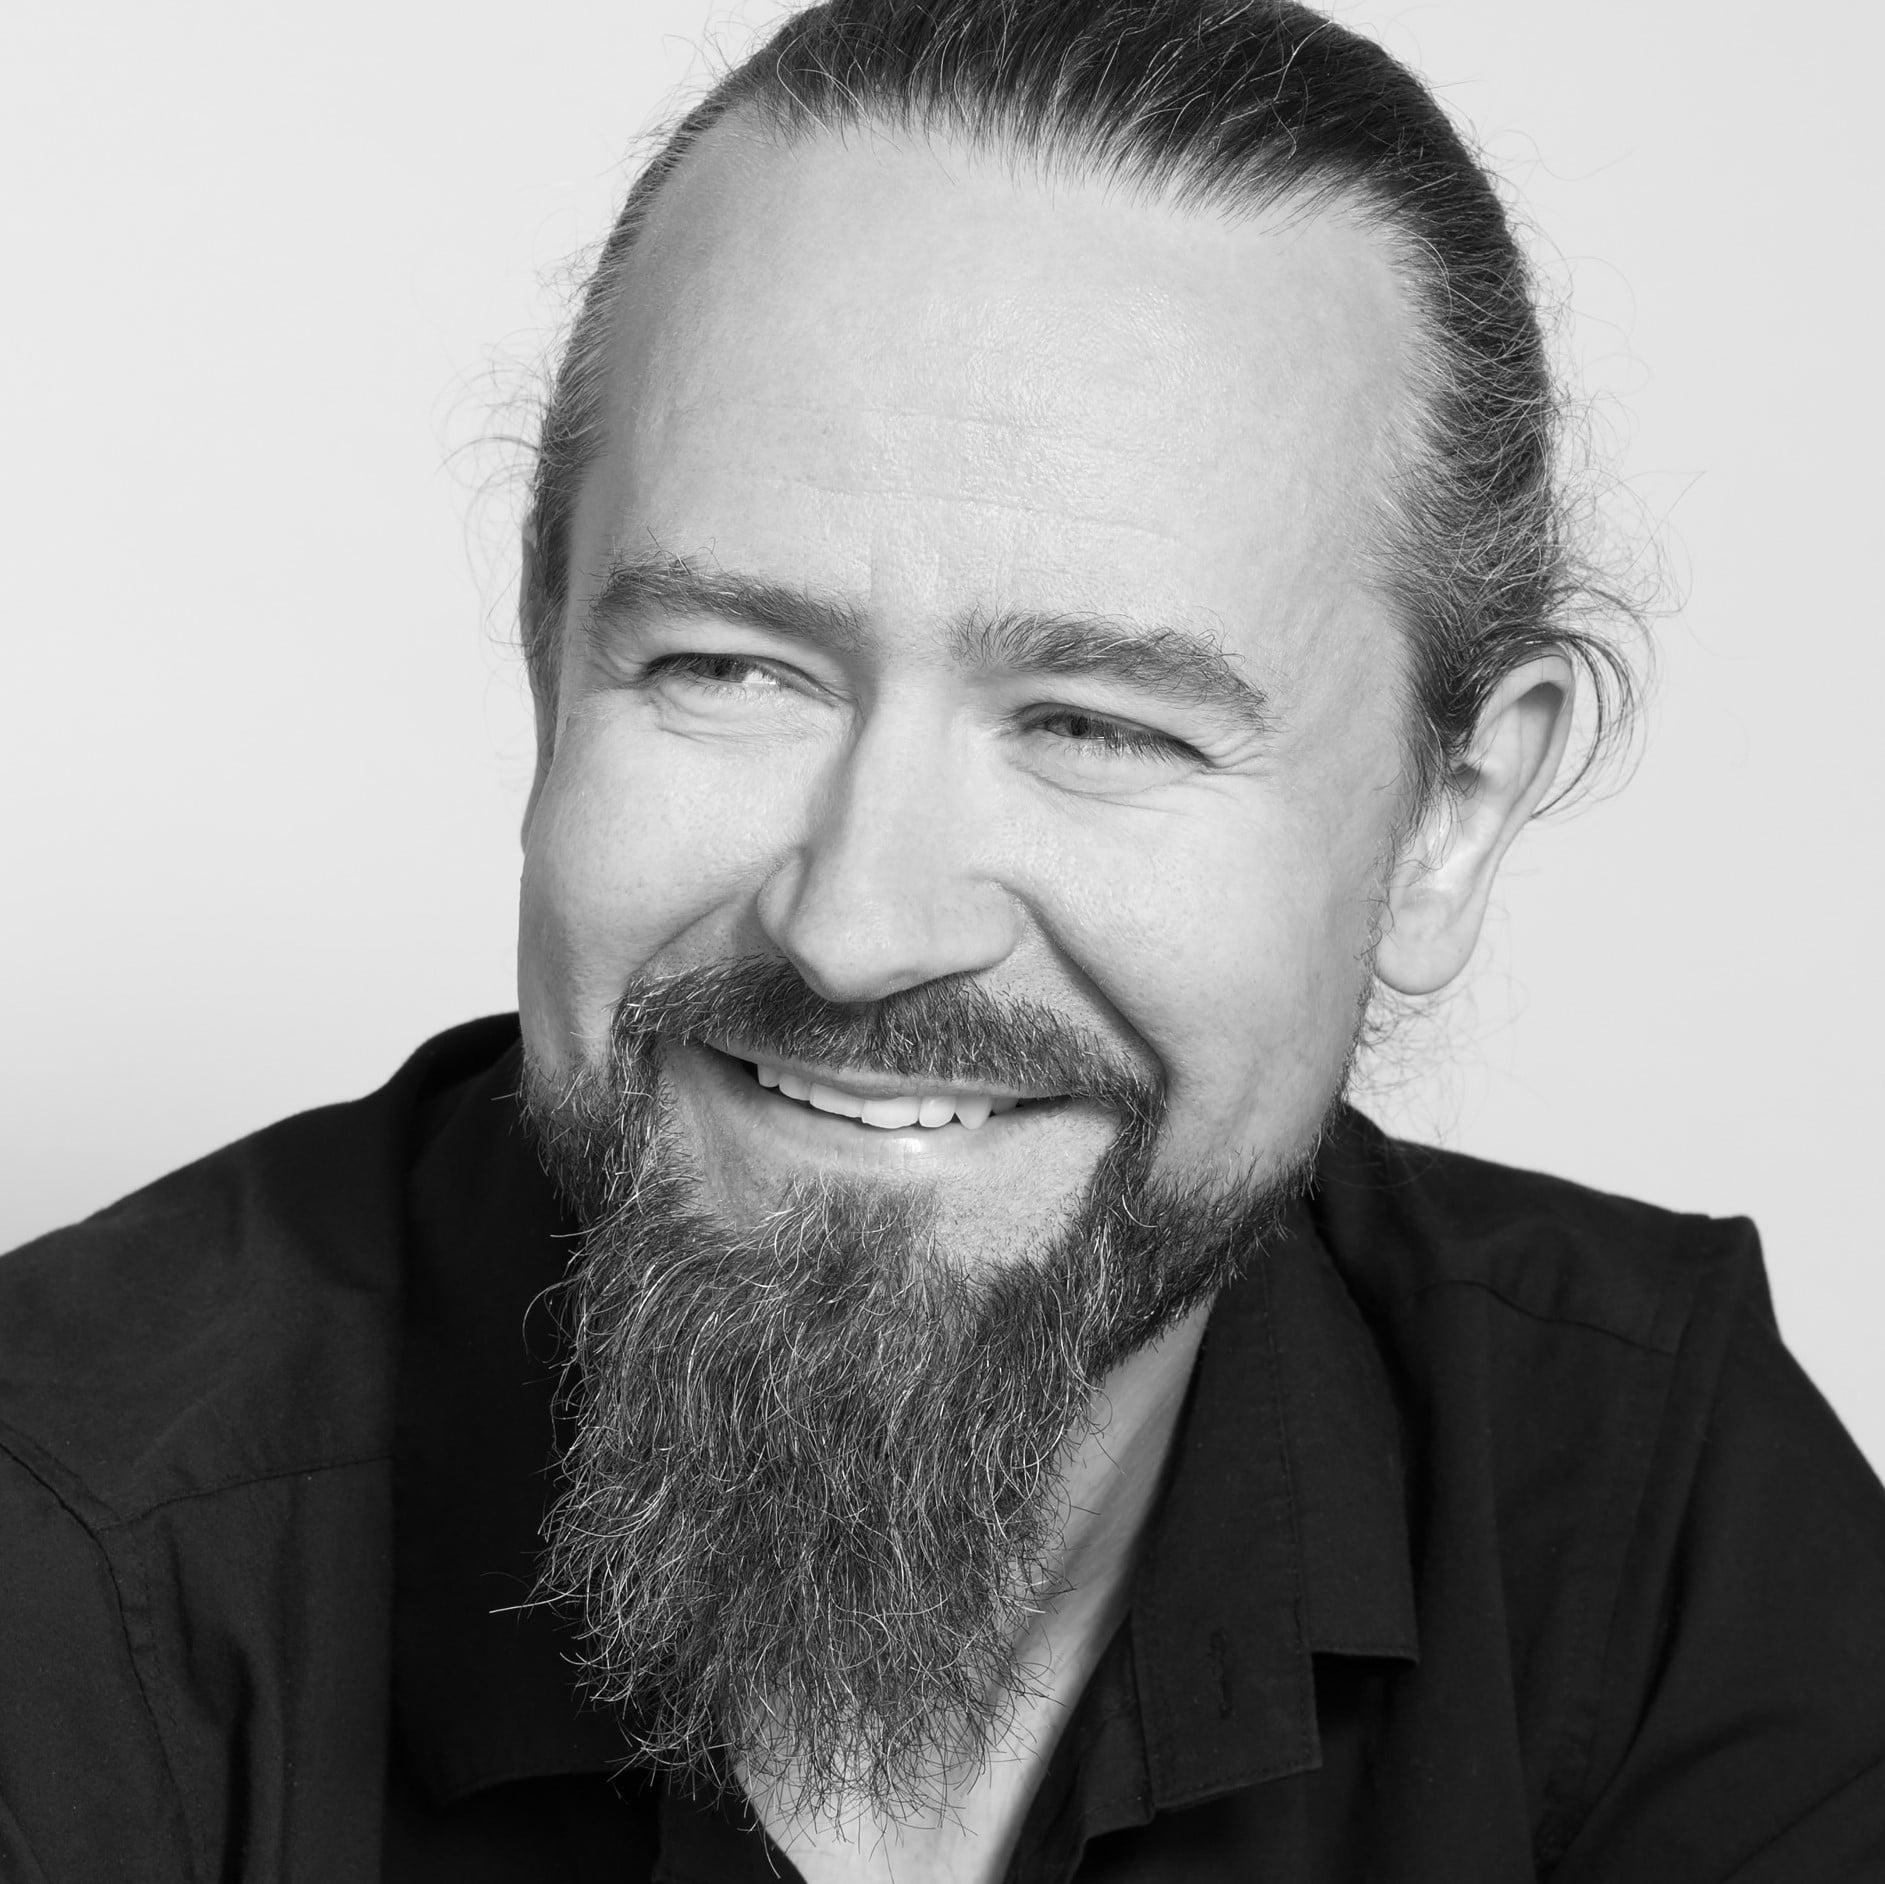 roger-antonsen-keynote-speaker